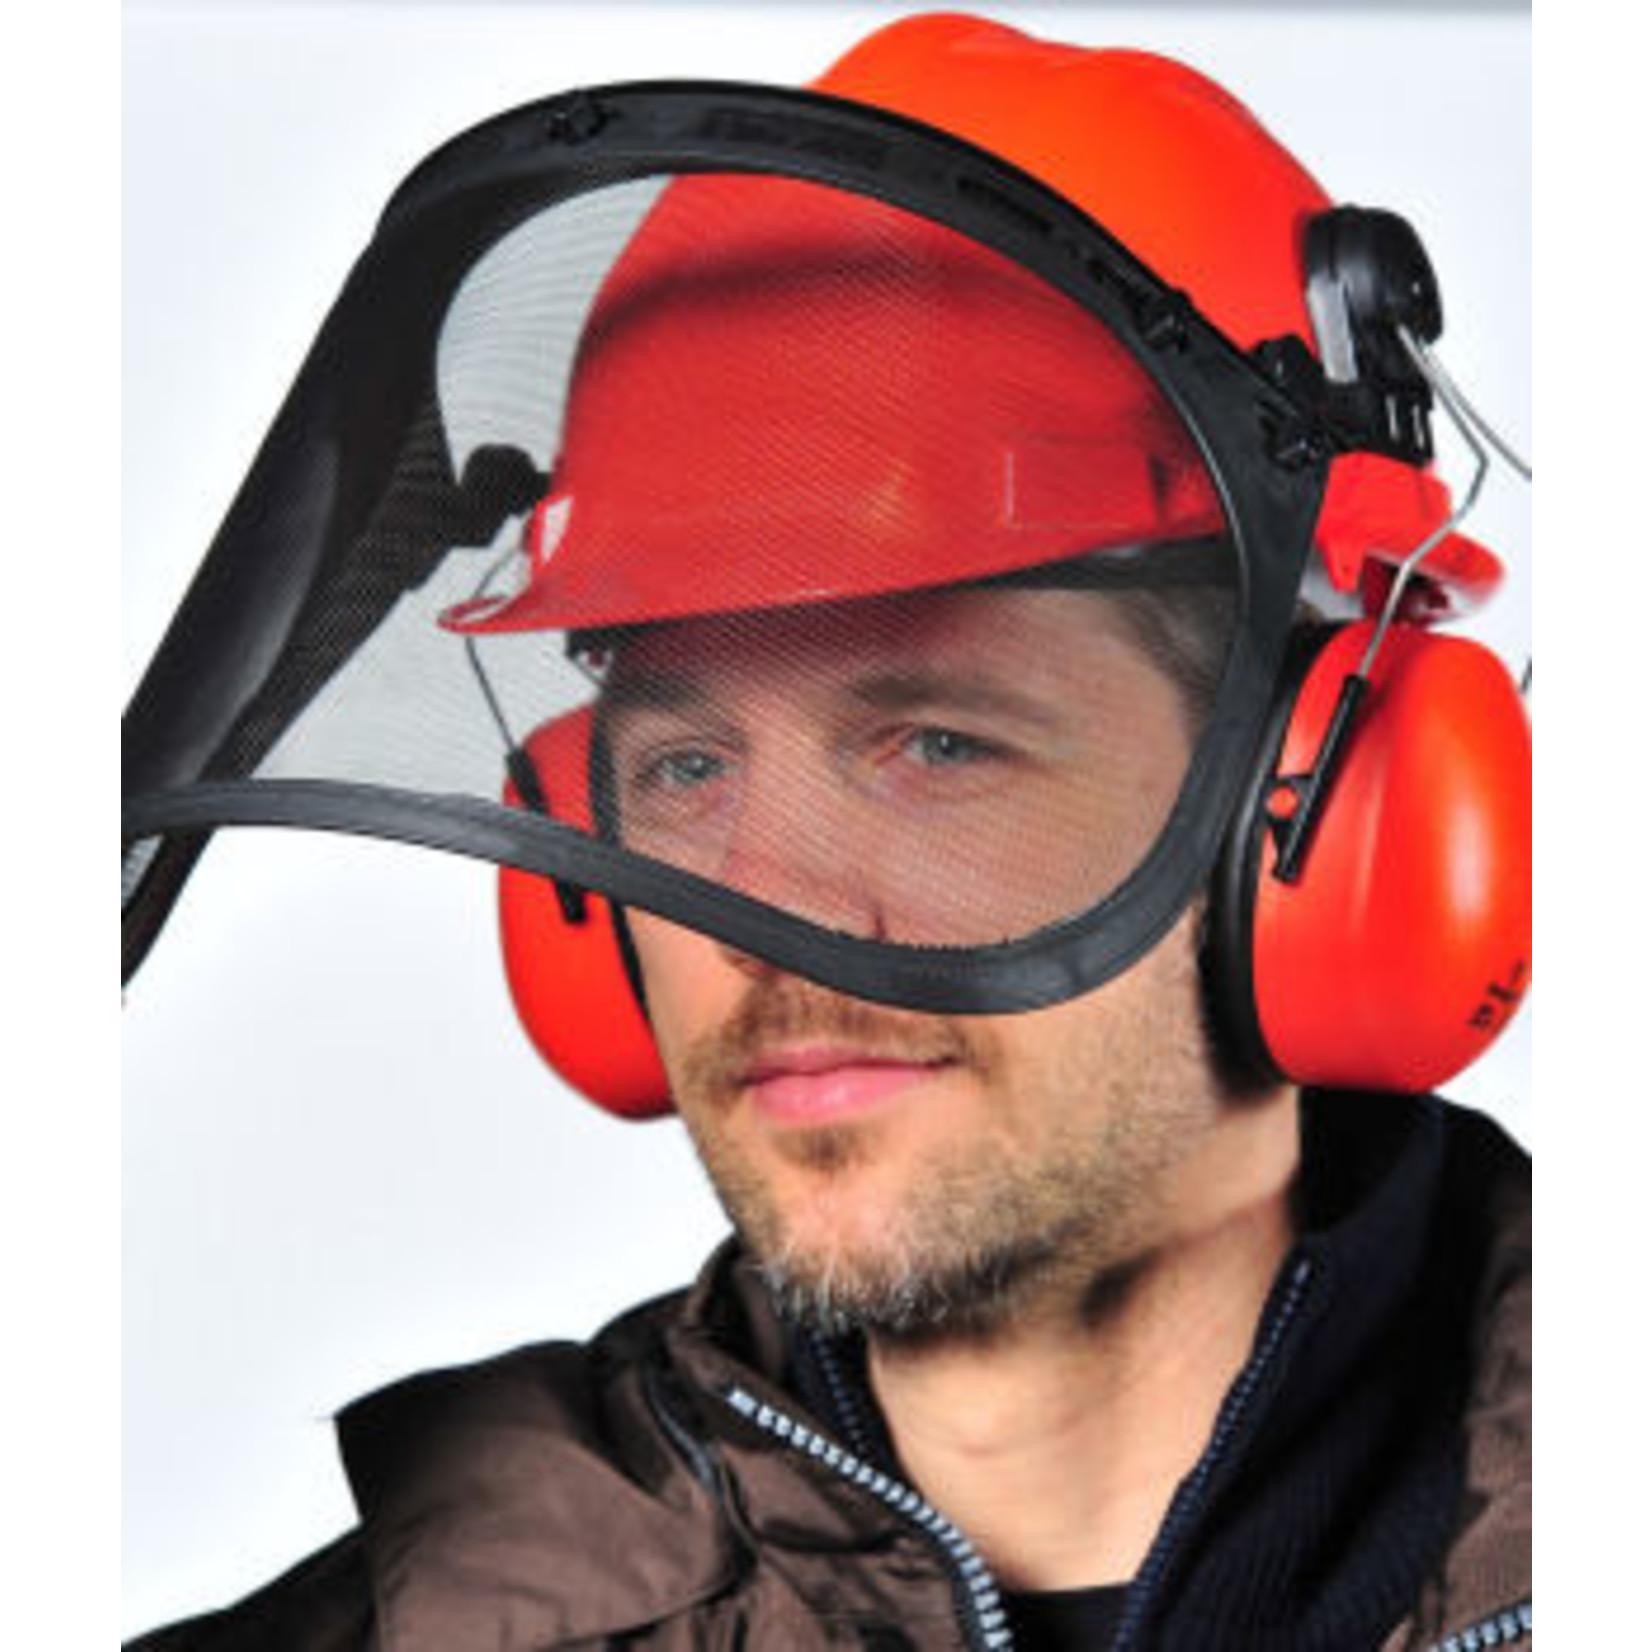 Veiligheidshelm met vizier en gehoorbescherming